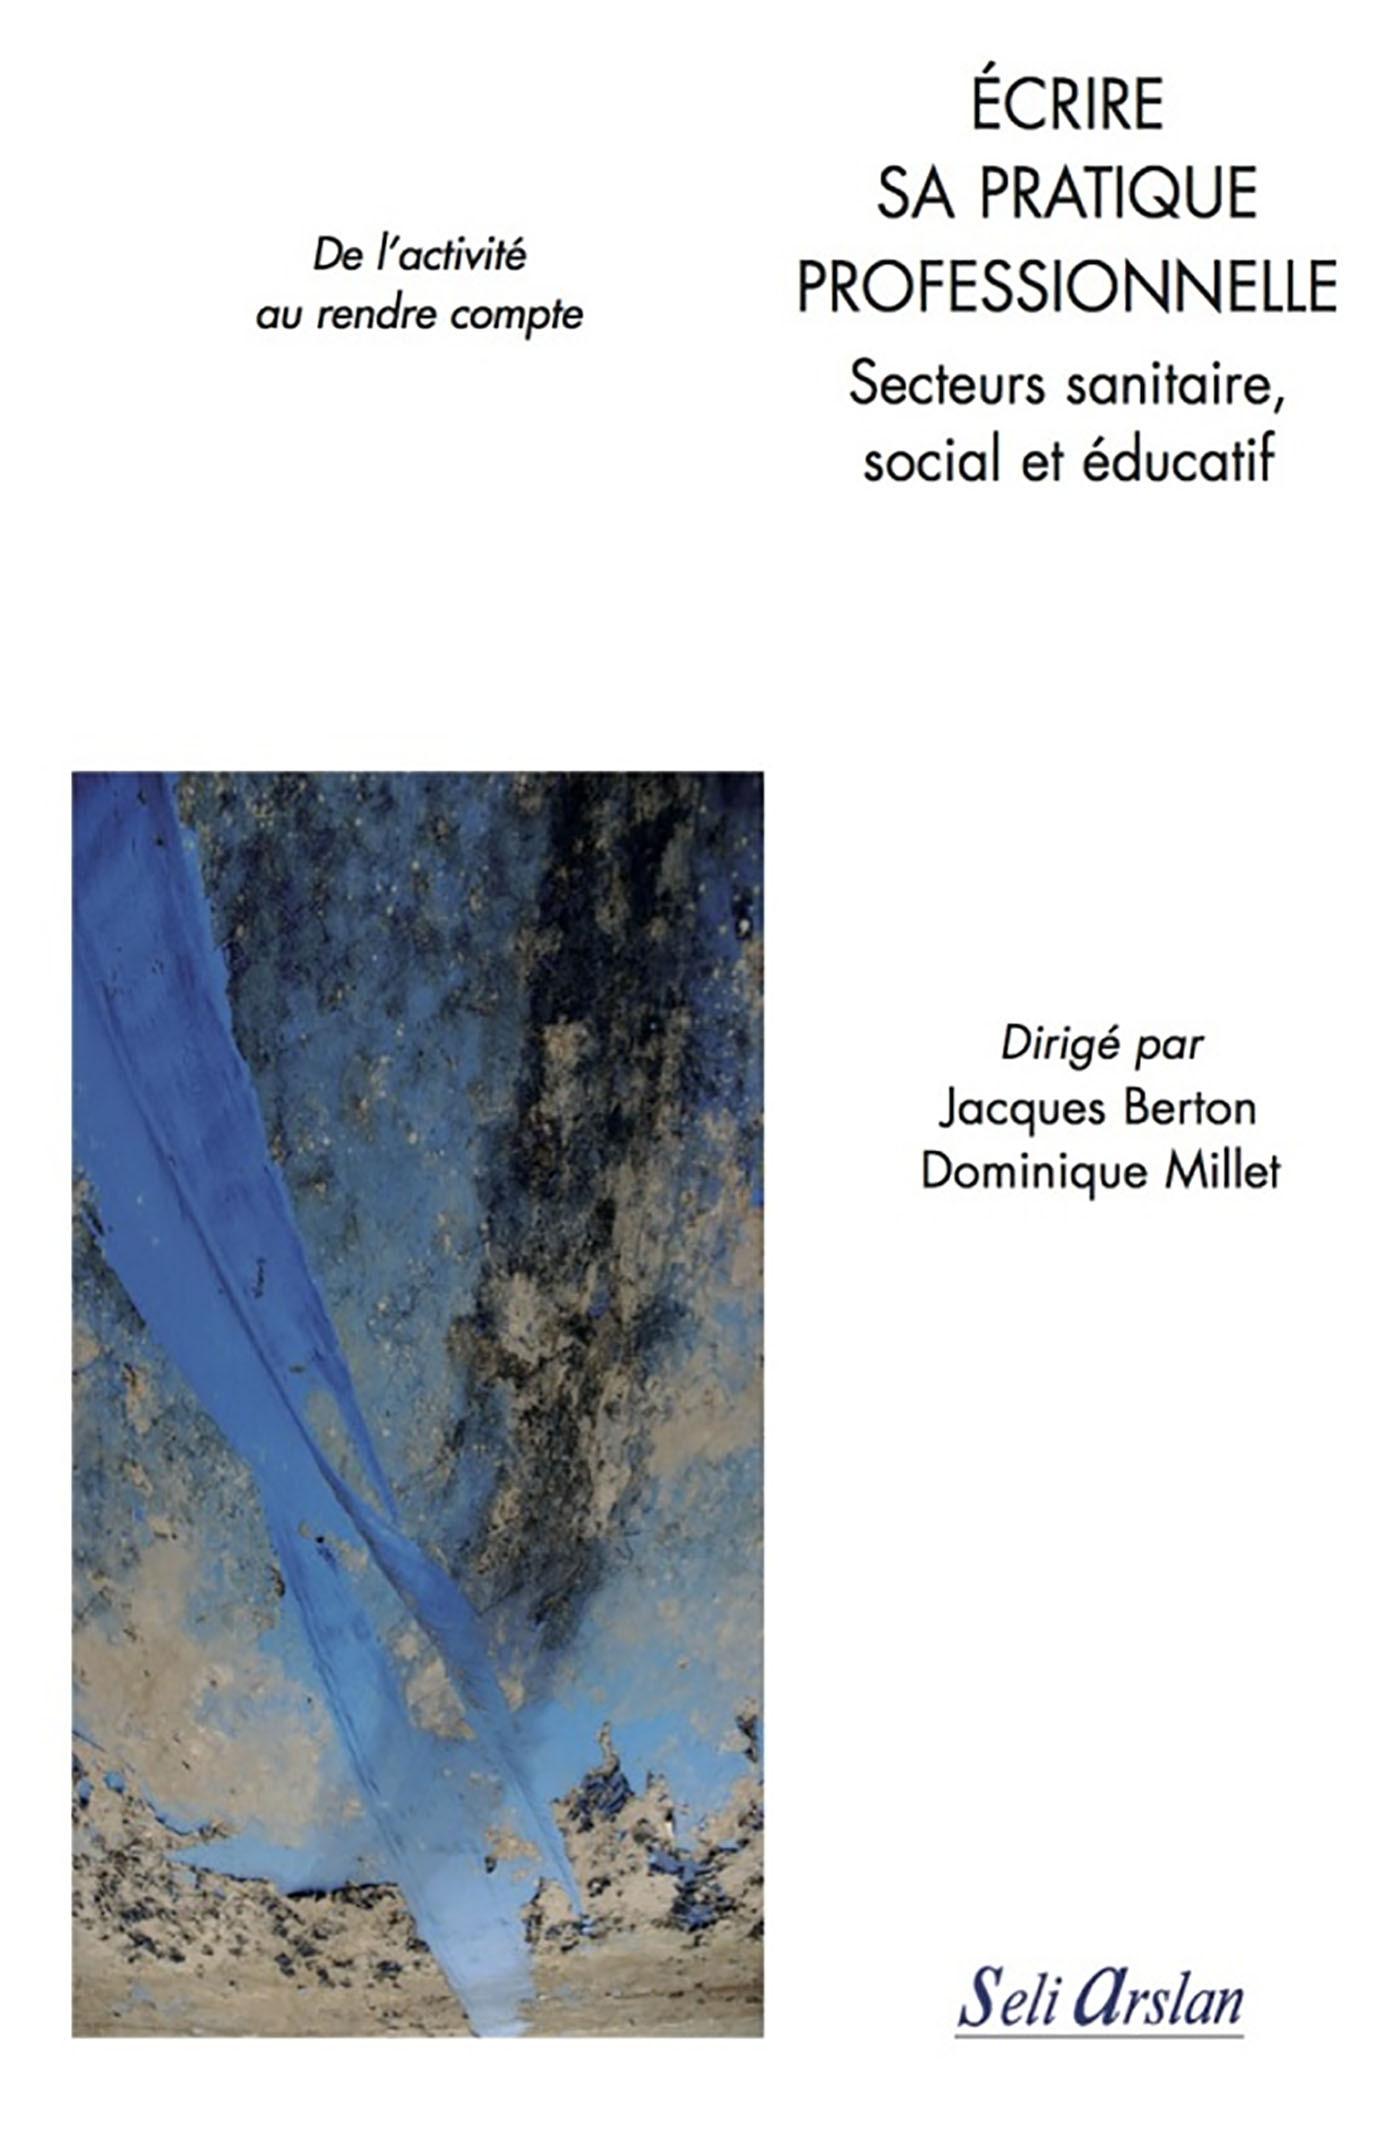 ECRIRE SA PRATIQUE PROFESSIONNELLE - SECTEURS SANITAIRE, SOCIAL ET EDUCATIF